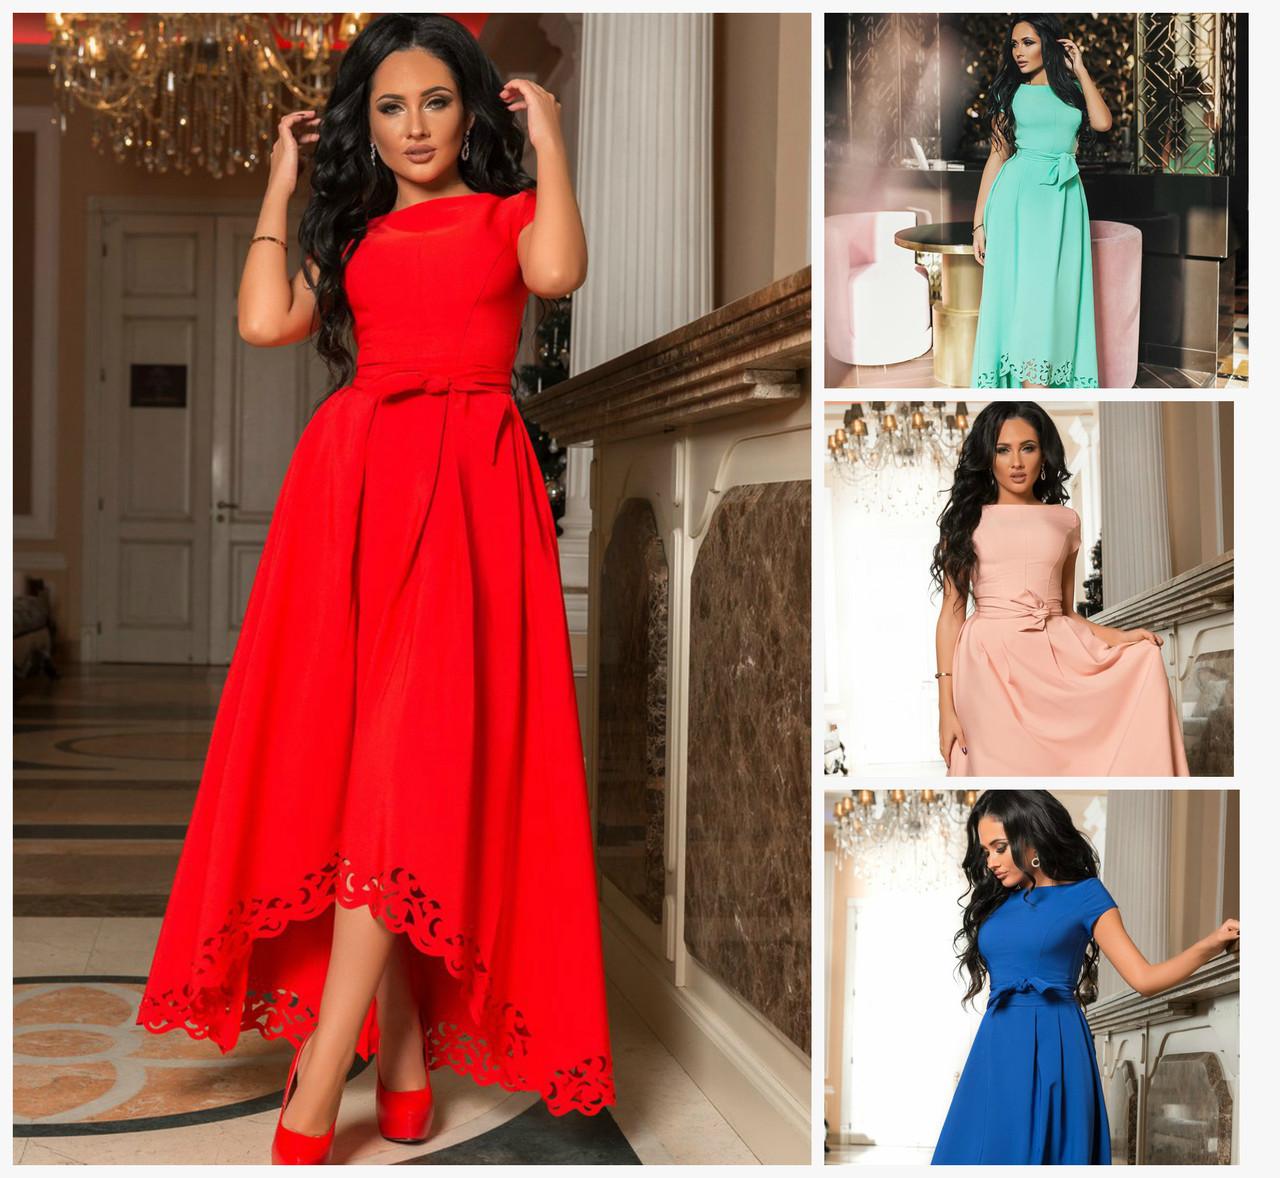 7b32a43bb2b Нарядное длинное платье 16038 - Интернет - магазин одежды Mixton в Одессе